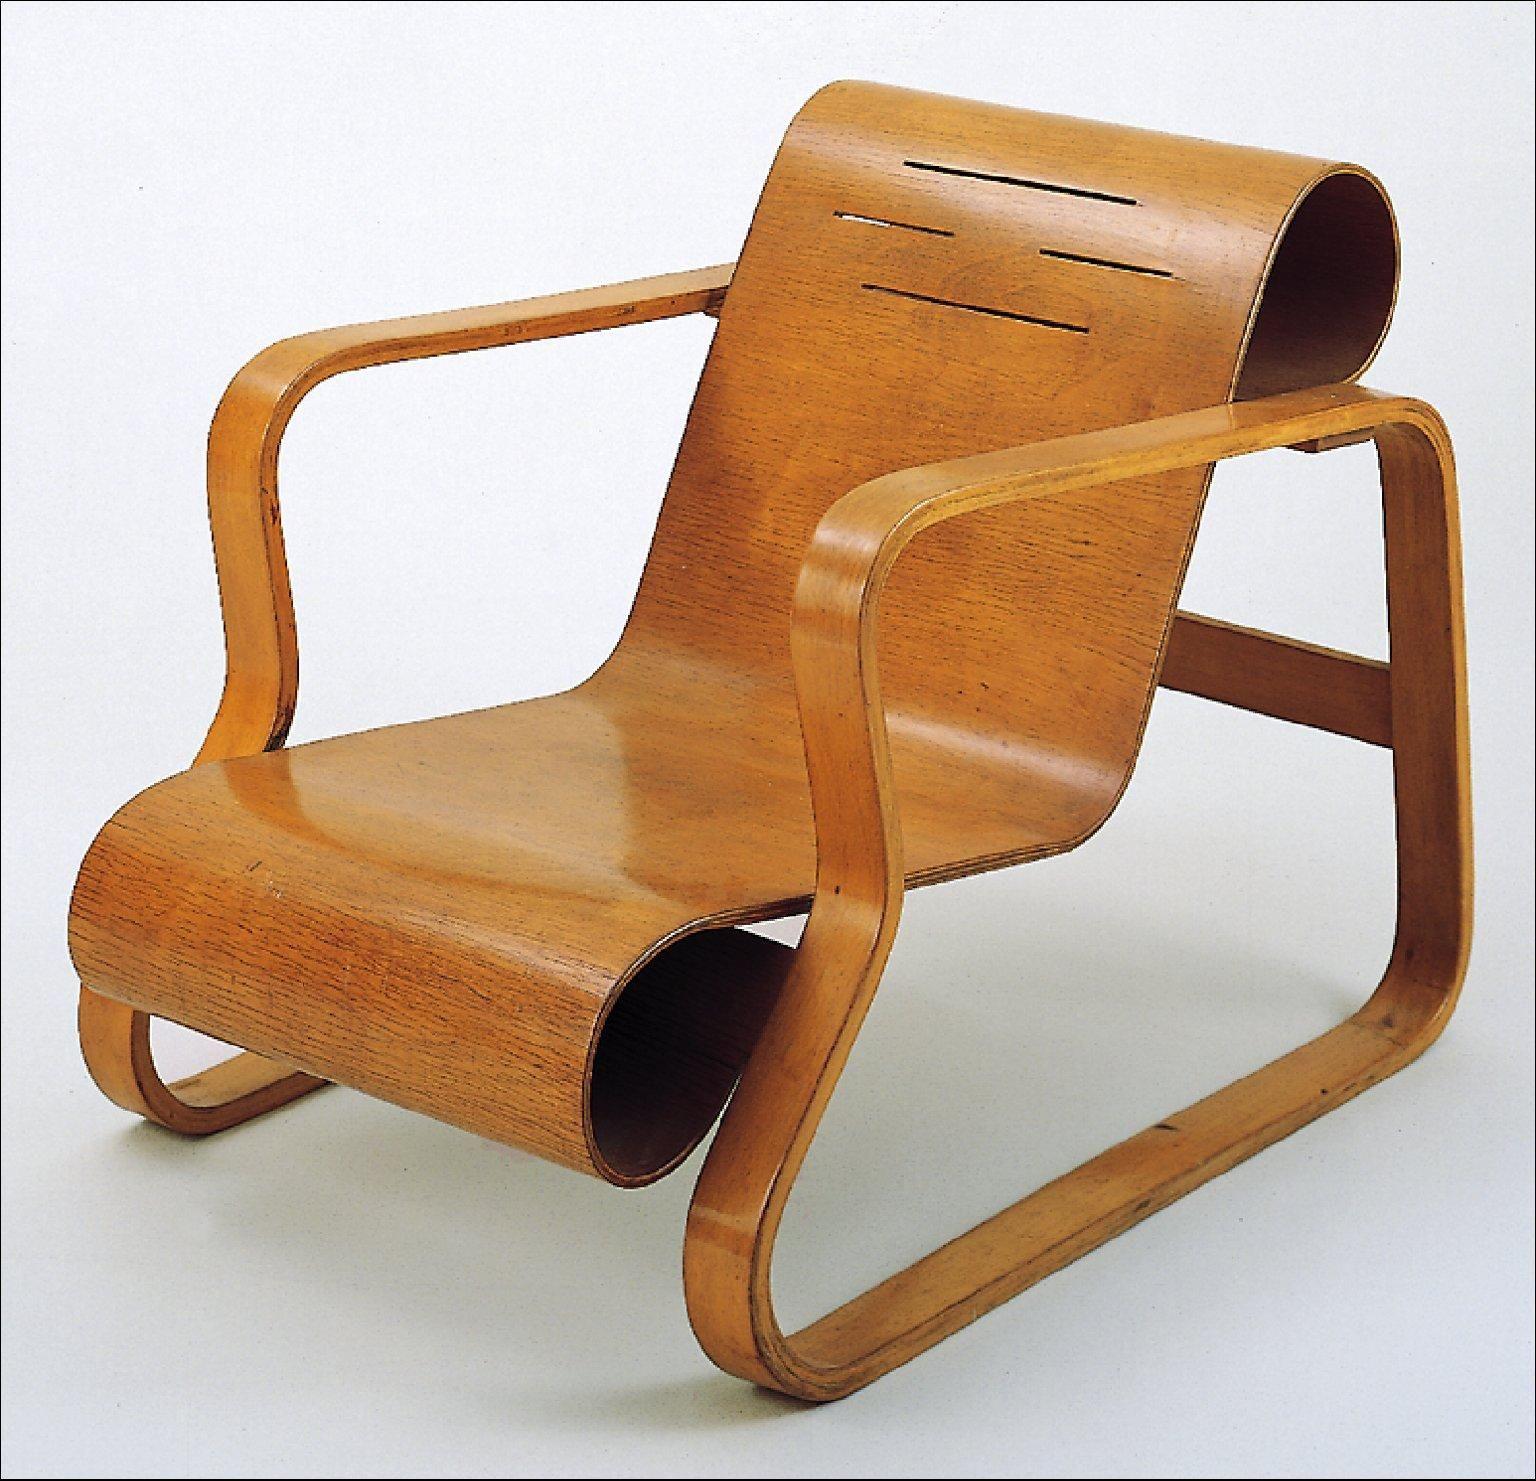 Bauhaus Look Stoelen.Nr 6 Design Stoelen Top 100 De Finse Ontwerper Alvar Aalto